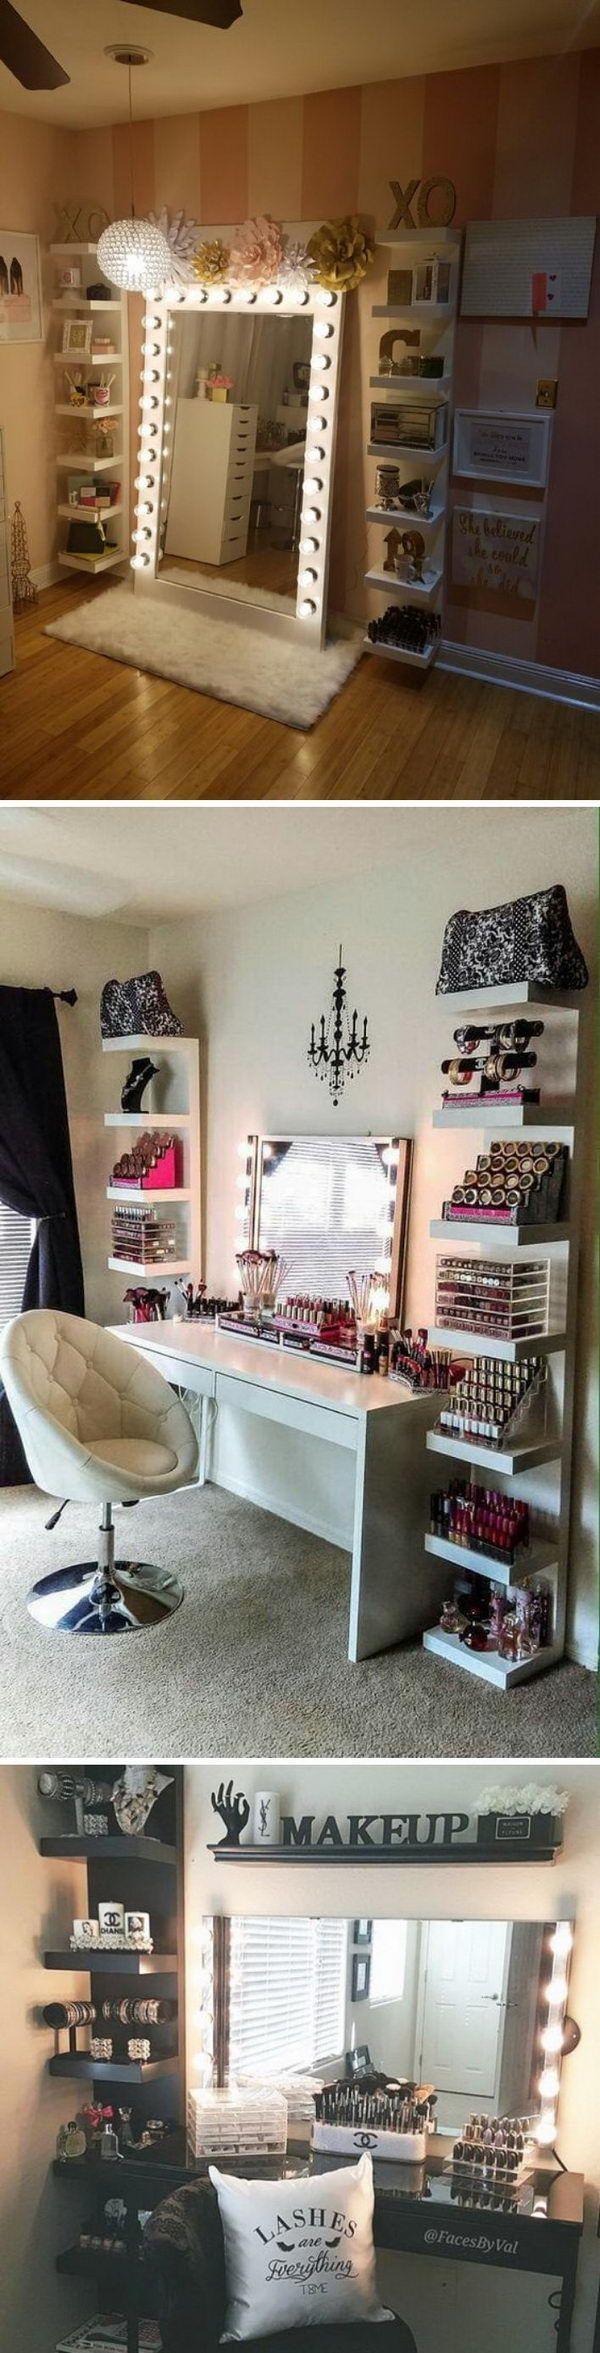 Awesome Make-up Lagerung Designs und DIY-Ideen für Mädchen und mich #artsandcraftsforg